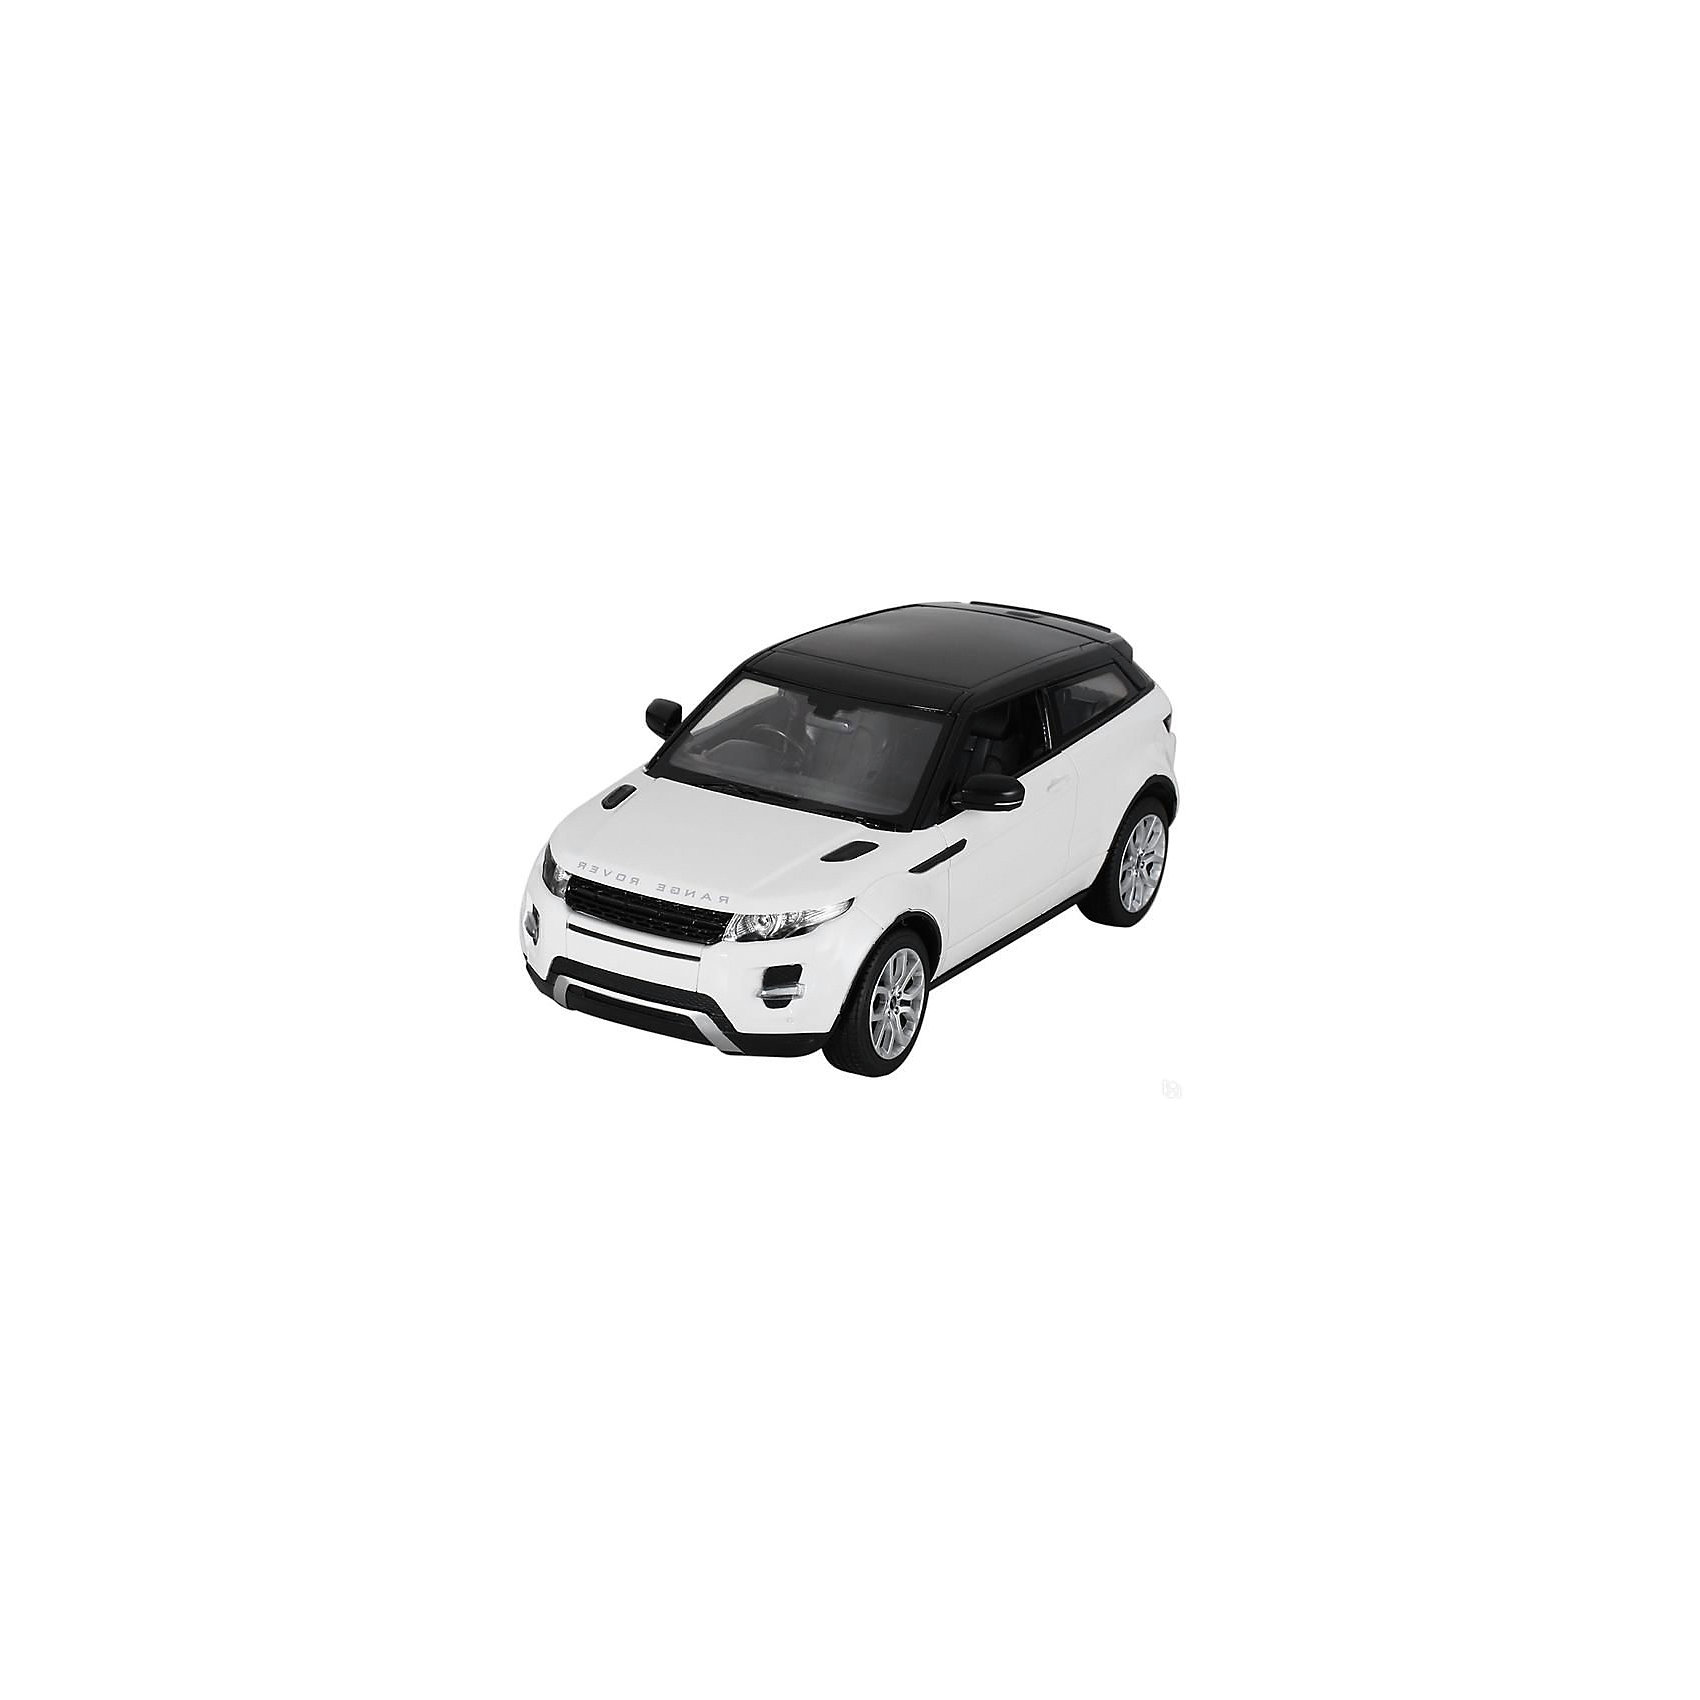 Машина RANGE ROVER EVOQUE, свет, на р/у, RASTAR, белыйКоллекционные модели<br>Range Rover Evoque - превосходный подарок для детей и взрослых любителей Range Rover Evoque, выполненный в масштабе 1:14 Автомобиль может двигаться вперед, назад, влево, вправо со скоростью до 7 км/час. Передние фары и задние фонари, которыми оснащена игрушка, загораются при движении. Дальность управления игрушкой -  15-45 метров  Игрушечные машинки – незаменимый спутник роста и развития мальчиков!  Дополнительная информация:  - Пульт радиоуправления на частоте 27MHz. - Материал: высококачественная пластмасса - Размеры упаковки(ДхШхВ): 23 x 44 x 18 см - Размер игрушки(ДхШхВ): 16,7 х 35,2 х 13,5 см. - Батарейки: 5 х АА, 1 х «Крона», в комплект не входят. - Вес: 1,52 кг ВНИМАНИЕ! Цвет данной игрушки представлен в ассортименте (красный, белый, черный). К сожалению, предварительный выбор определенного цвета невозможен. При заказе нескольких единиц товара возможно получение одинаковых.  Машину RANGE ROVER EVOQUE, свет, на р/у, RASTAR можно купить в нашем интернет-магазине.<br><br>Ширина мм: 180<br>Глубина мм: 230<br>Высота мм: 440<br>Вес г: 1520<br>Возраст от месяцев: 36<br>Возраст до месяцев: 144<br>Пол: Мужской<br>Возраст: Детский<br>SKU: 4838271